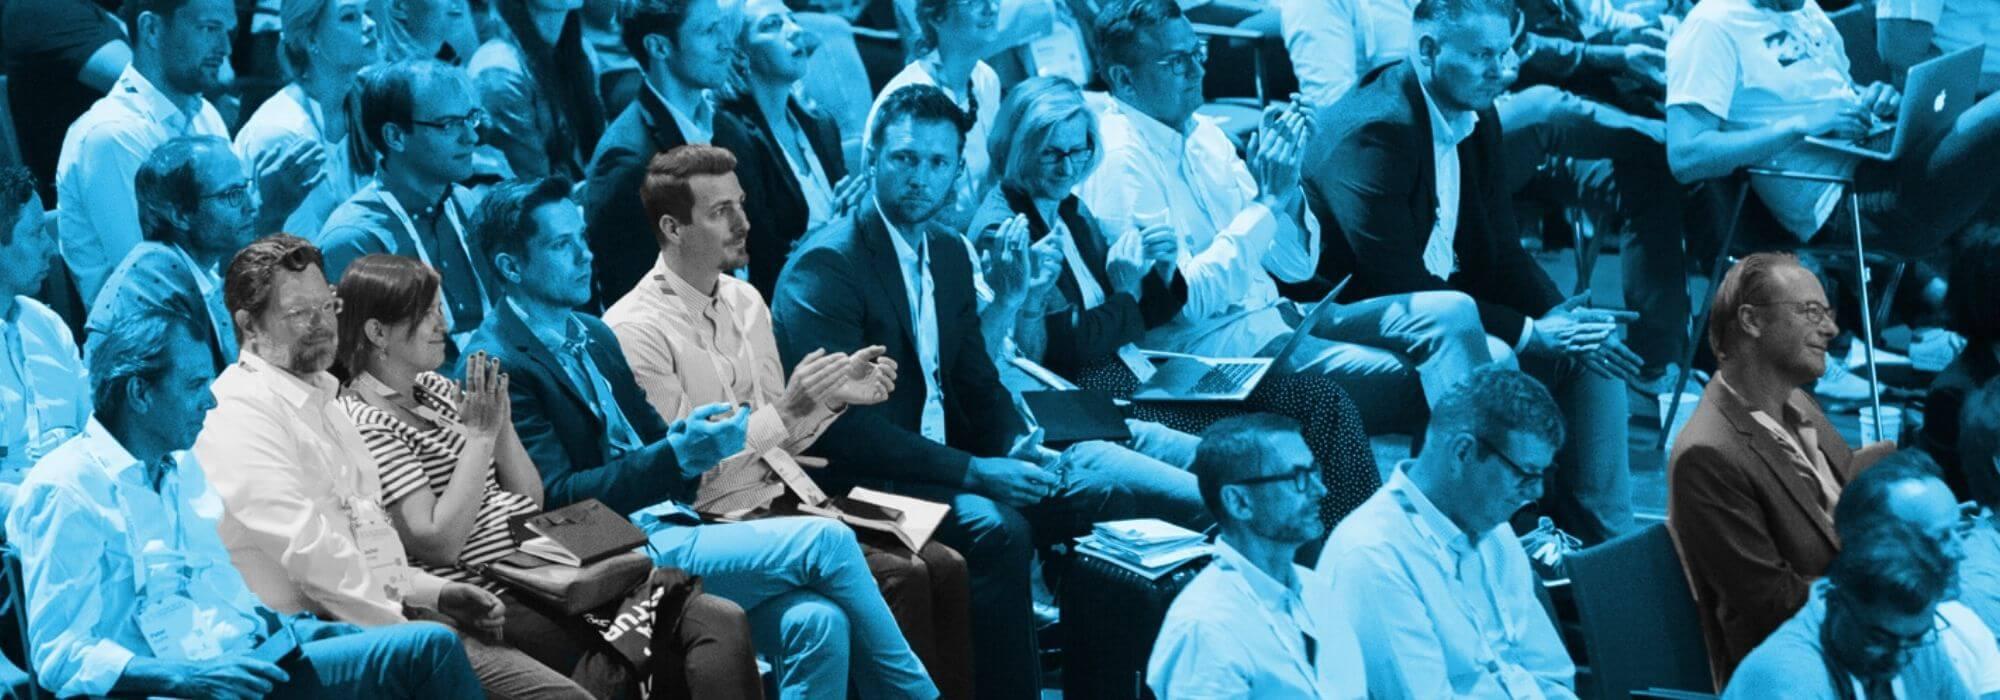 Bild von Teilnehmern der vergangenen K5 Konferenz